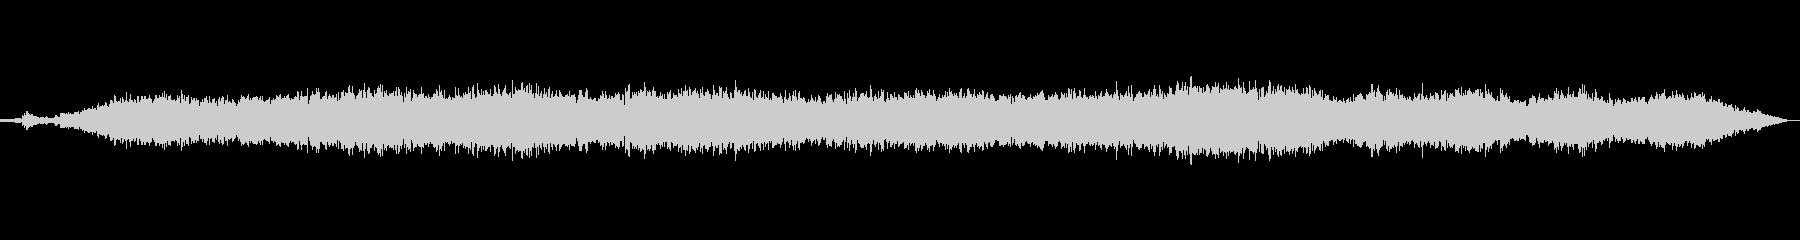 神秘的な音色のジングルの未再生の波形